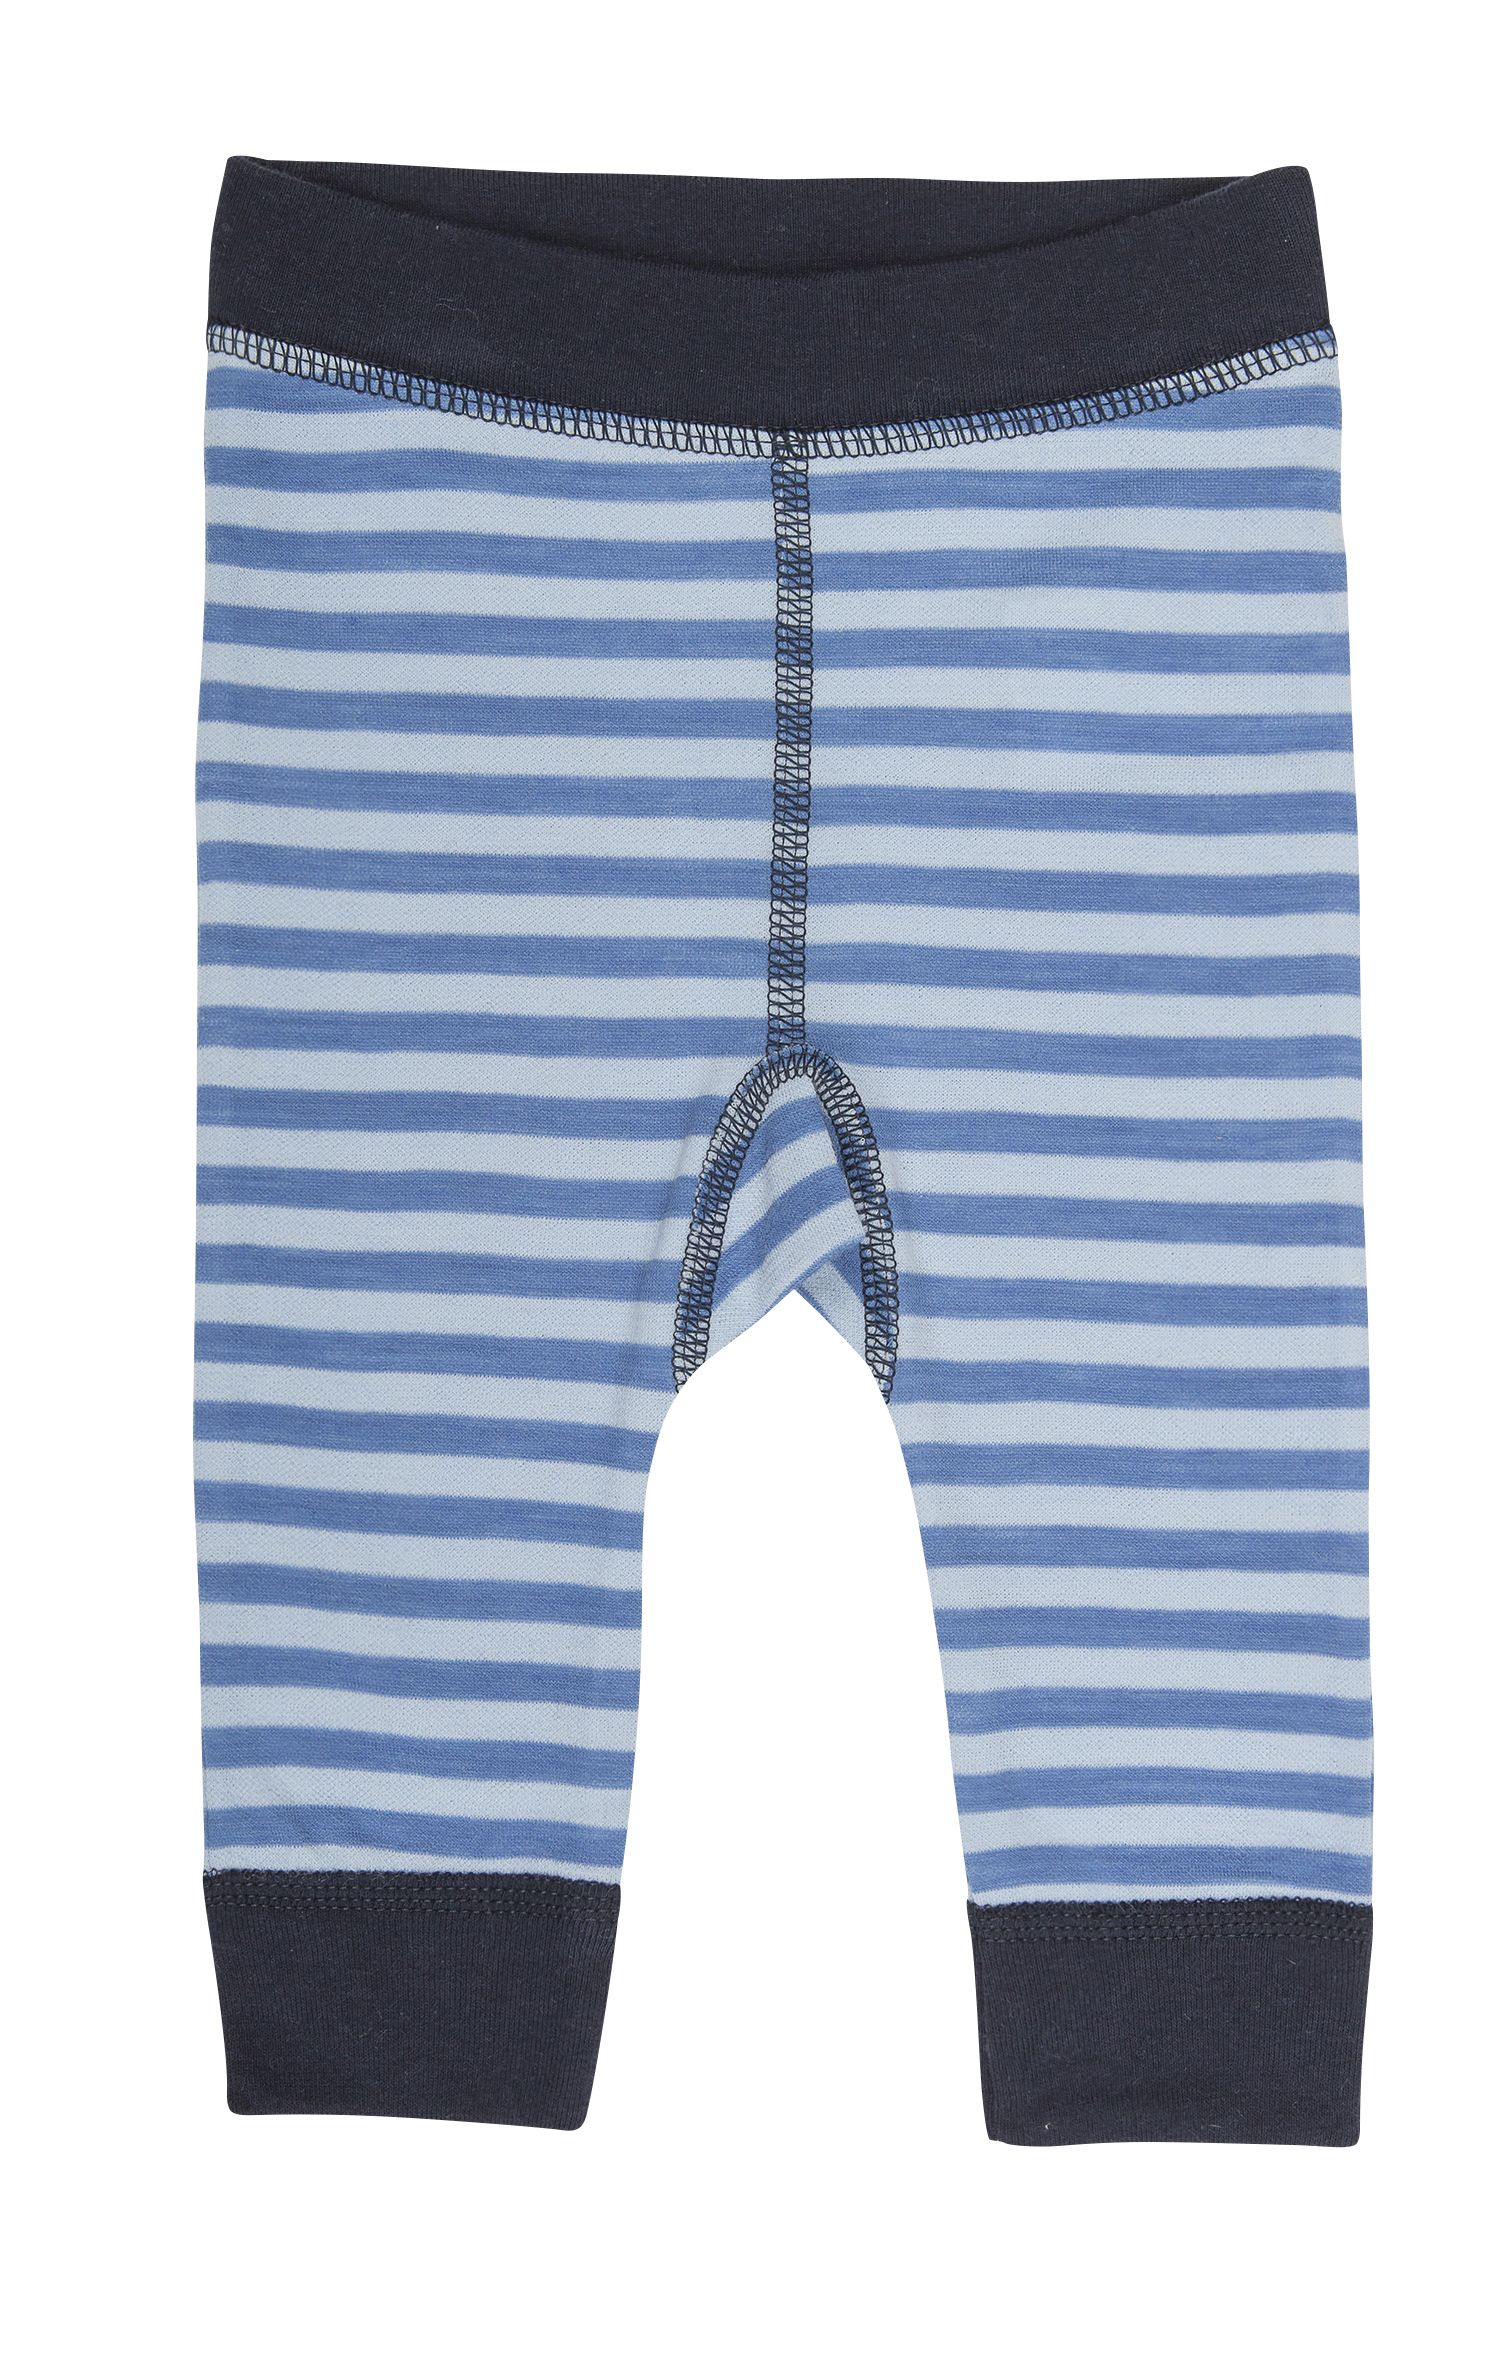 Image of   Leggings fra Joha i uld / bomuld - Wolly - Blå/lyseblå